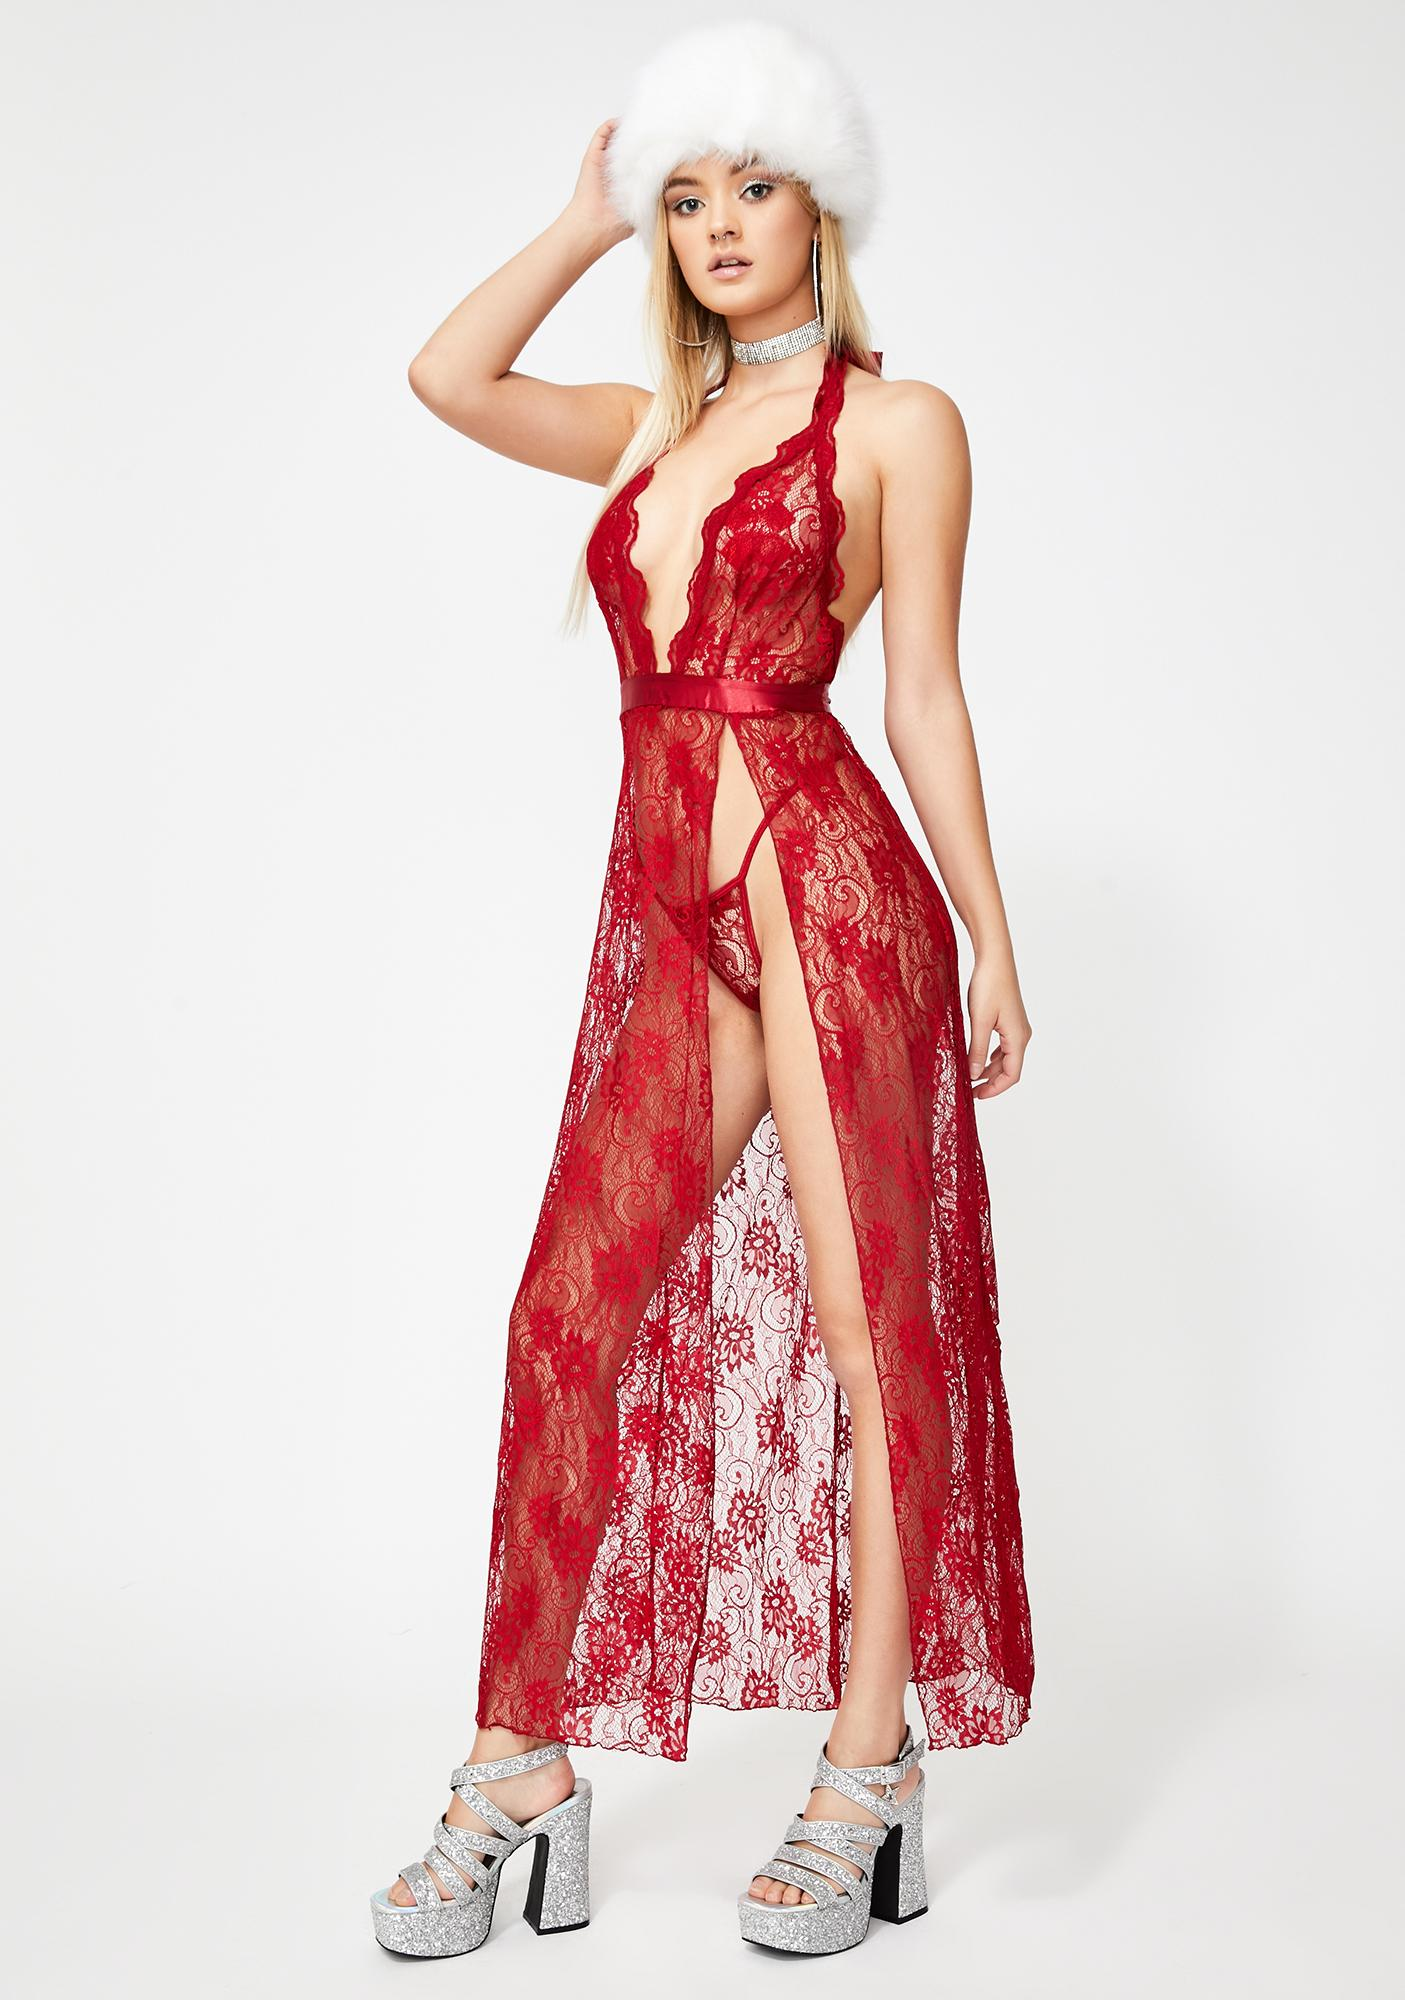 Scarlet Seduction Lace Gown